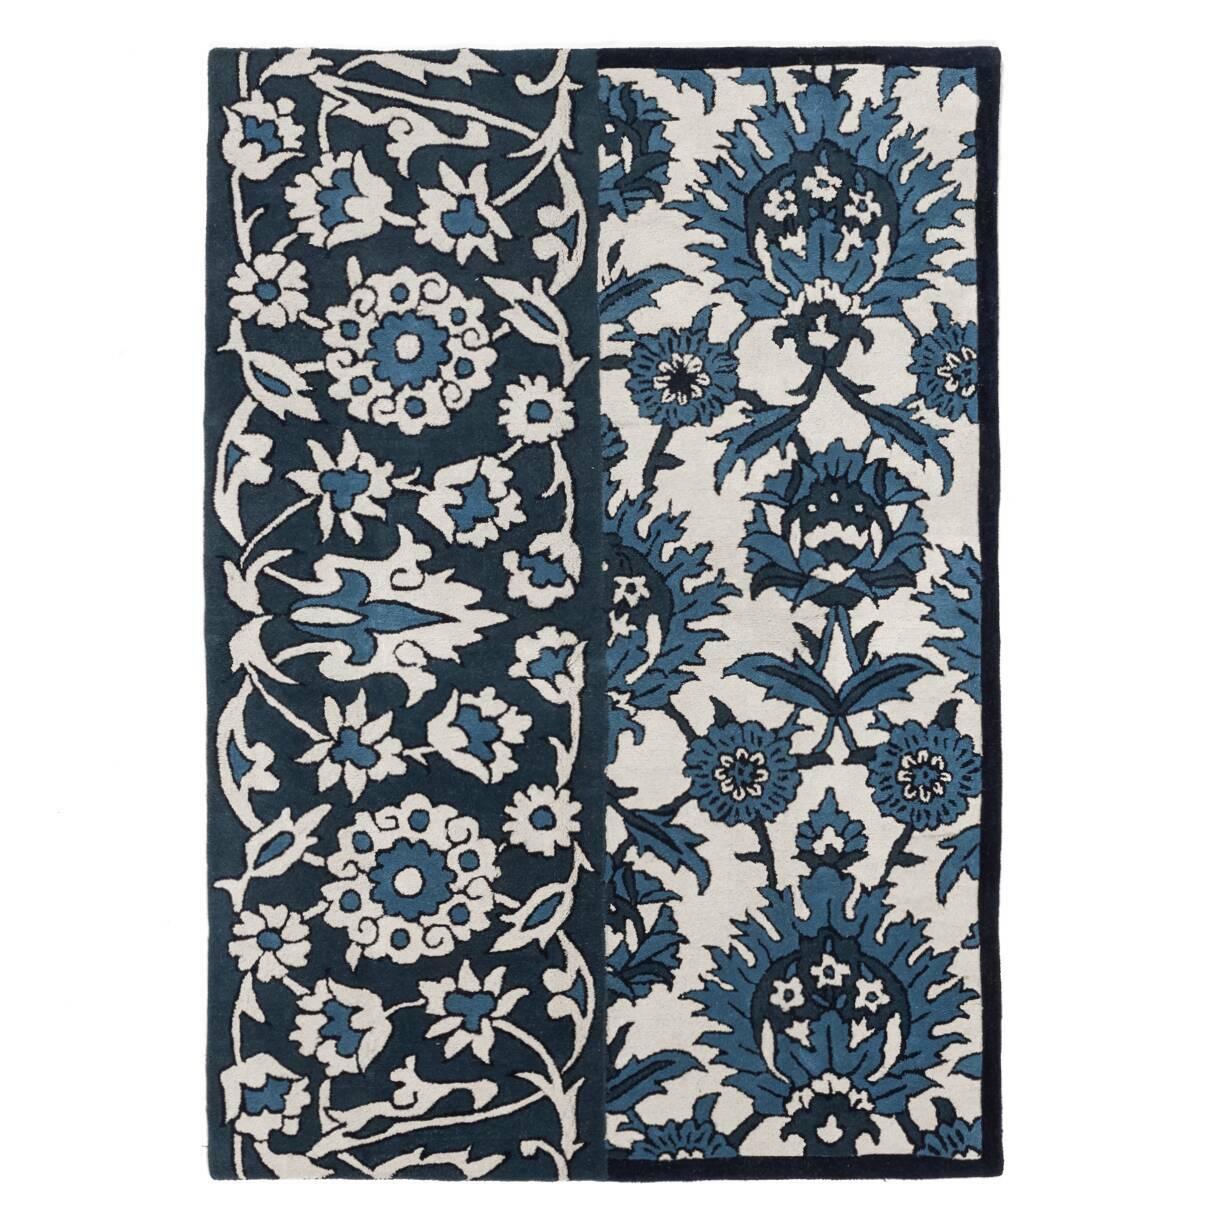 Ковер AnkaraКовры<br>Дизайнерский бело-голубой ковер Ankara (Анкара) из шерсти от Cosmo (Космо).<br><br> Ковер Ankara с тканым вручную плюшевым ворсом изготовлен из натуральной шерсти, что так ценится почитателями роскоши и качества в интерьере. Этот напольный ковер невероятно мягкий и приятный на ощупь, и кроме того, он весьма прочный и устойчивый к легким загрязнениям. Благодаря высокому мягкому ворсу он просто находка для семьи с маленькими детьми — игры на таком ковре совершенно безопасны для нежной кожи ребенка....<br><br>stock: 0<br>Ширина: 160<br>Материал: Шерсть<br>Цвет: Голубой/Blue+Ivory/Слоновая кость<br>Высота ворса: 12мм разрезной ворс<br>Длина: 230<br>Плотность ворса: 50000стежков/м2<br>Состав основы: Хлопок<br>Тип производства: Ручное производство